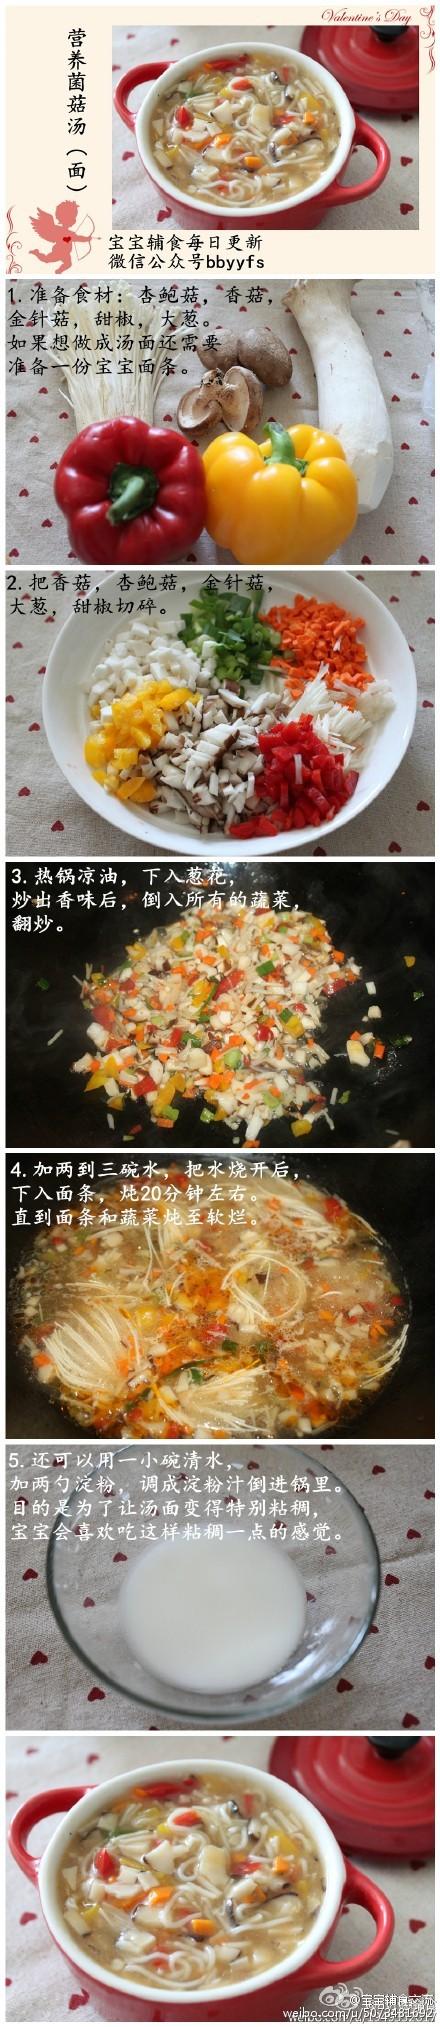 营养菌菇汤适合9个月以上的宝宝~做法超级简单,来不及给宝宝做饭时的备选菜,做成菌菇汤或者菌菇面都可以。如果10个月的宝宝可以只选择两种蘑菇,并且切得细一点,炖得烂一点,方便宝